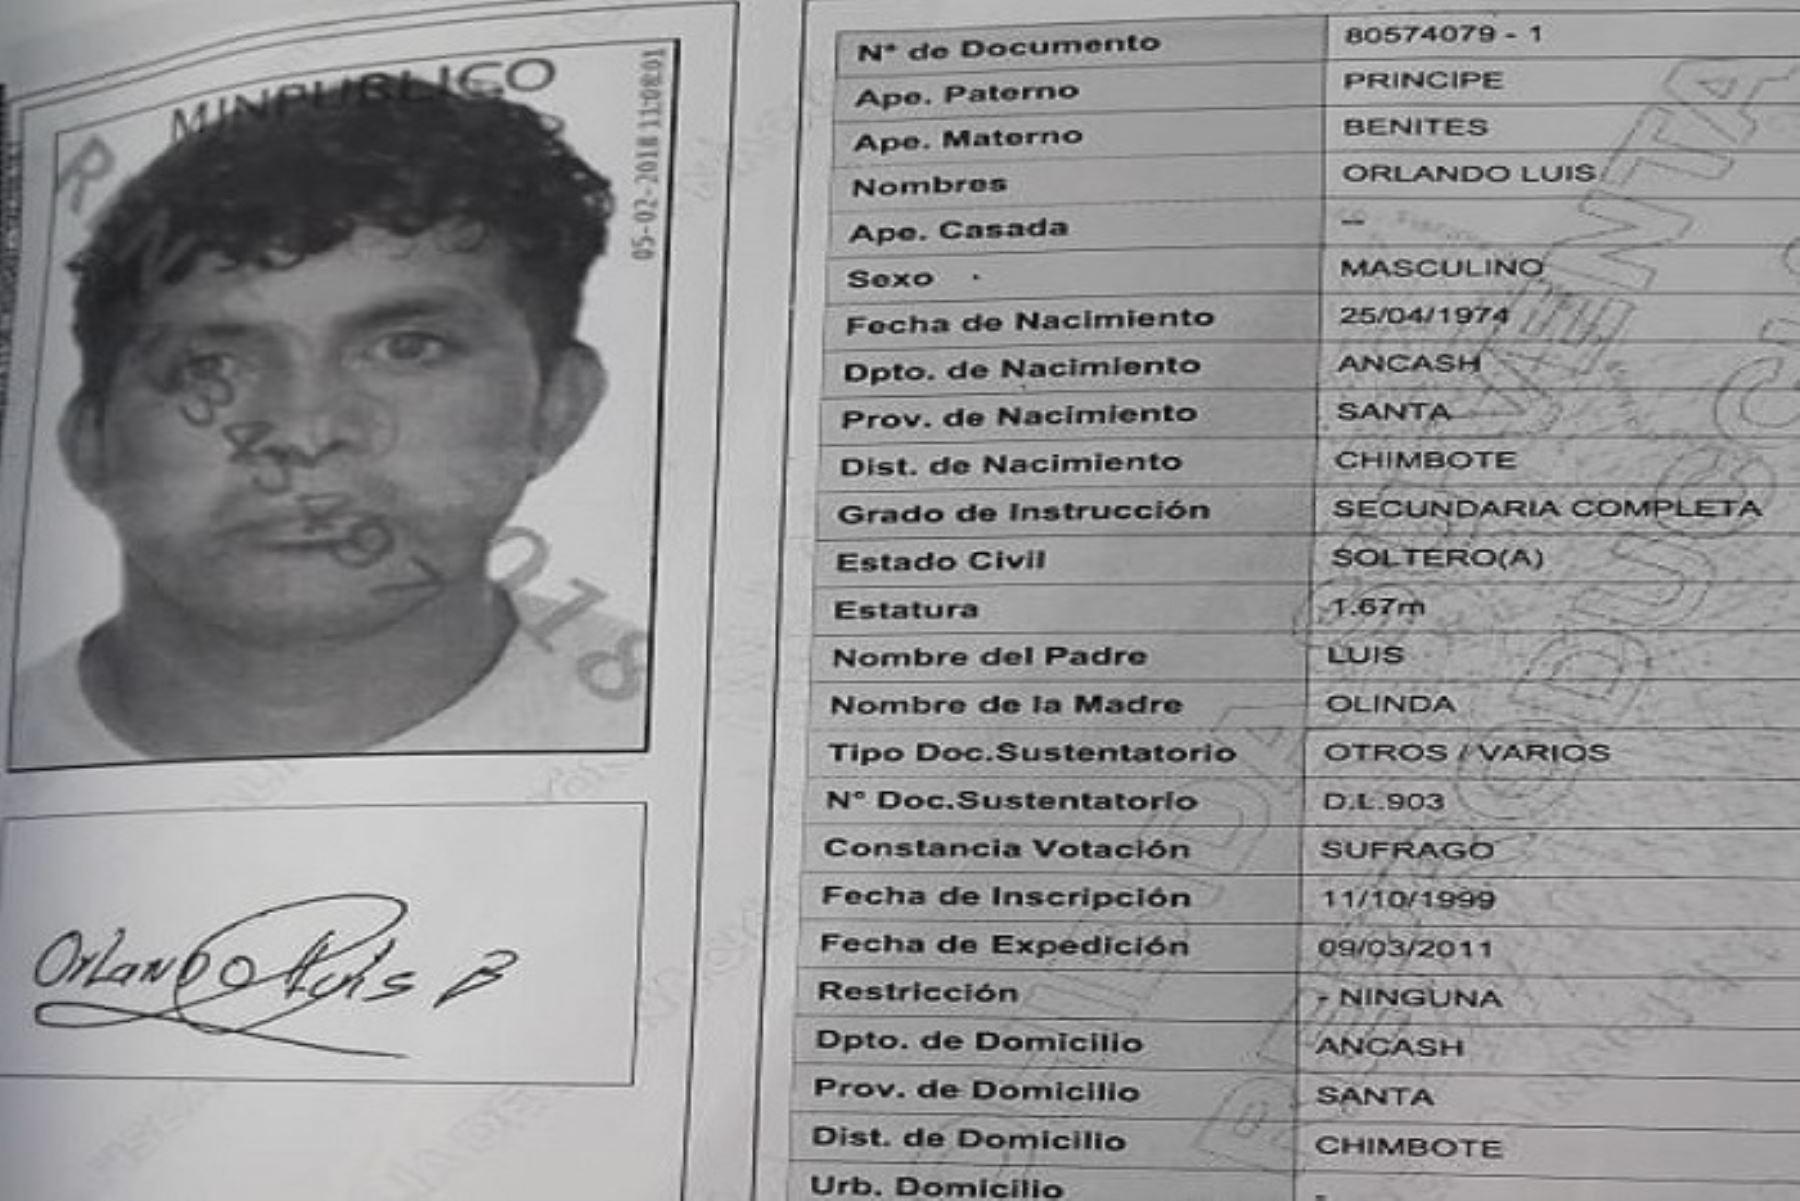 Un sujeto identificado como Orlando Luis Príncipe Benites (44) fue sentenciado a la pena máxima de cadena perpetua, por abusar sexualmente de su hijastro. Los hechos ocurrieron en el asentamiento humano Vista del Mar – San Pedro, en Chimbote, provincia ancashina del Santa.